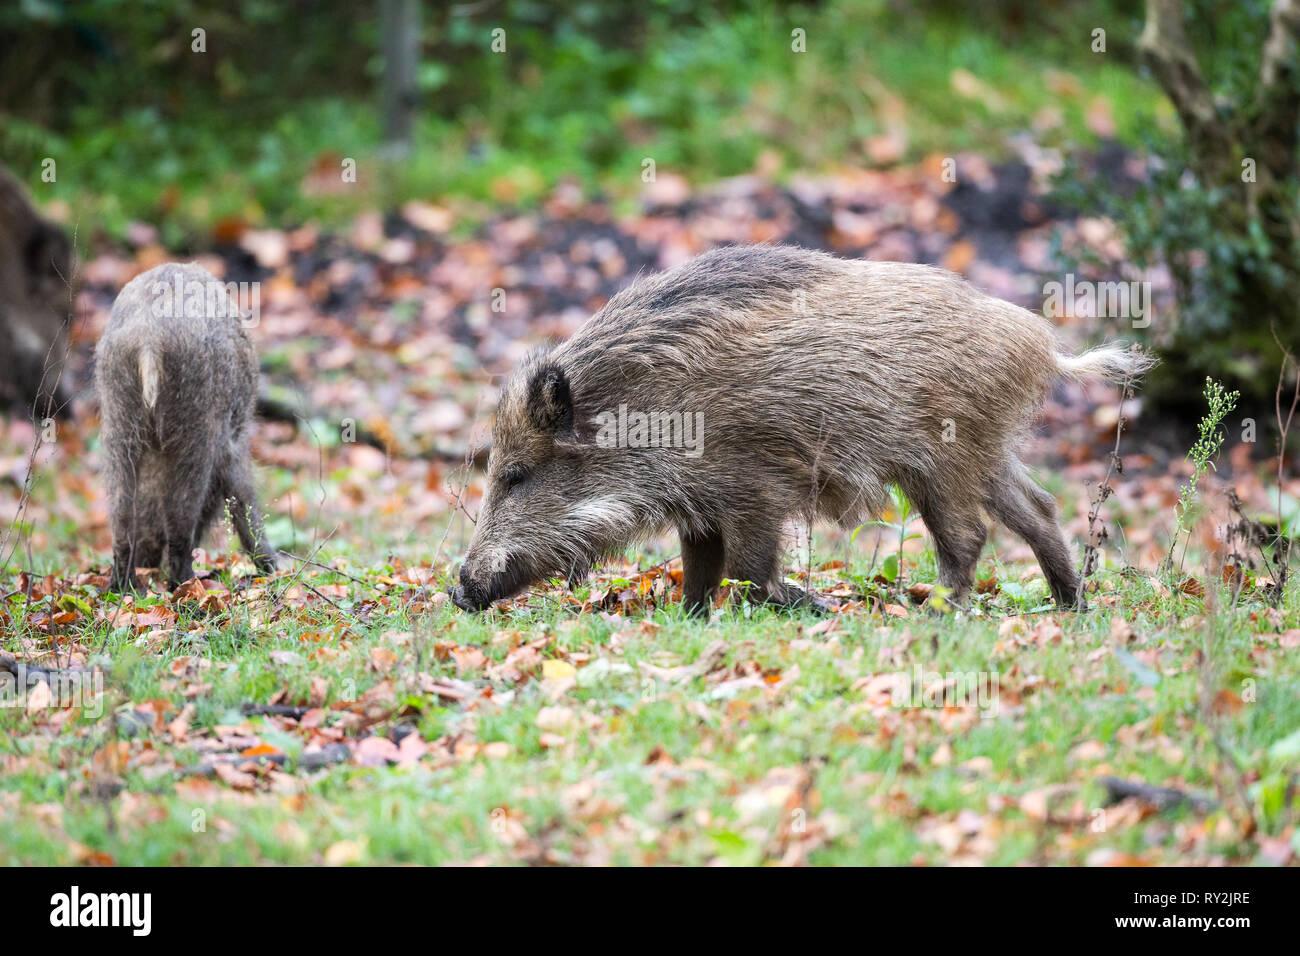 Wildschweine im Wald, Wildtiere in Deuetschland, 30.10.2017 Bildnachweis: Mario Hommes / HH-Photography - Stock Image